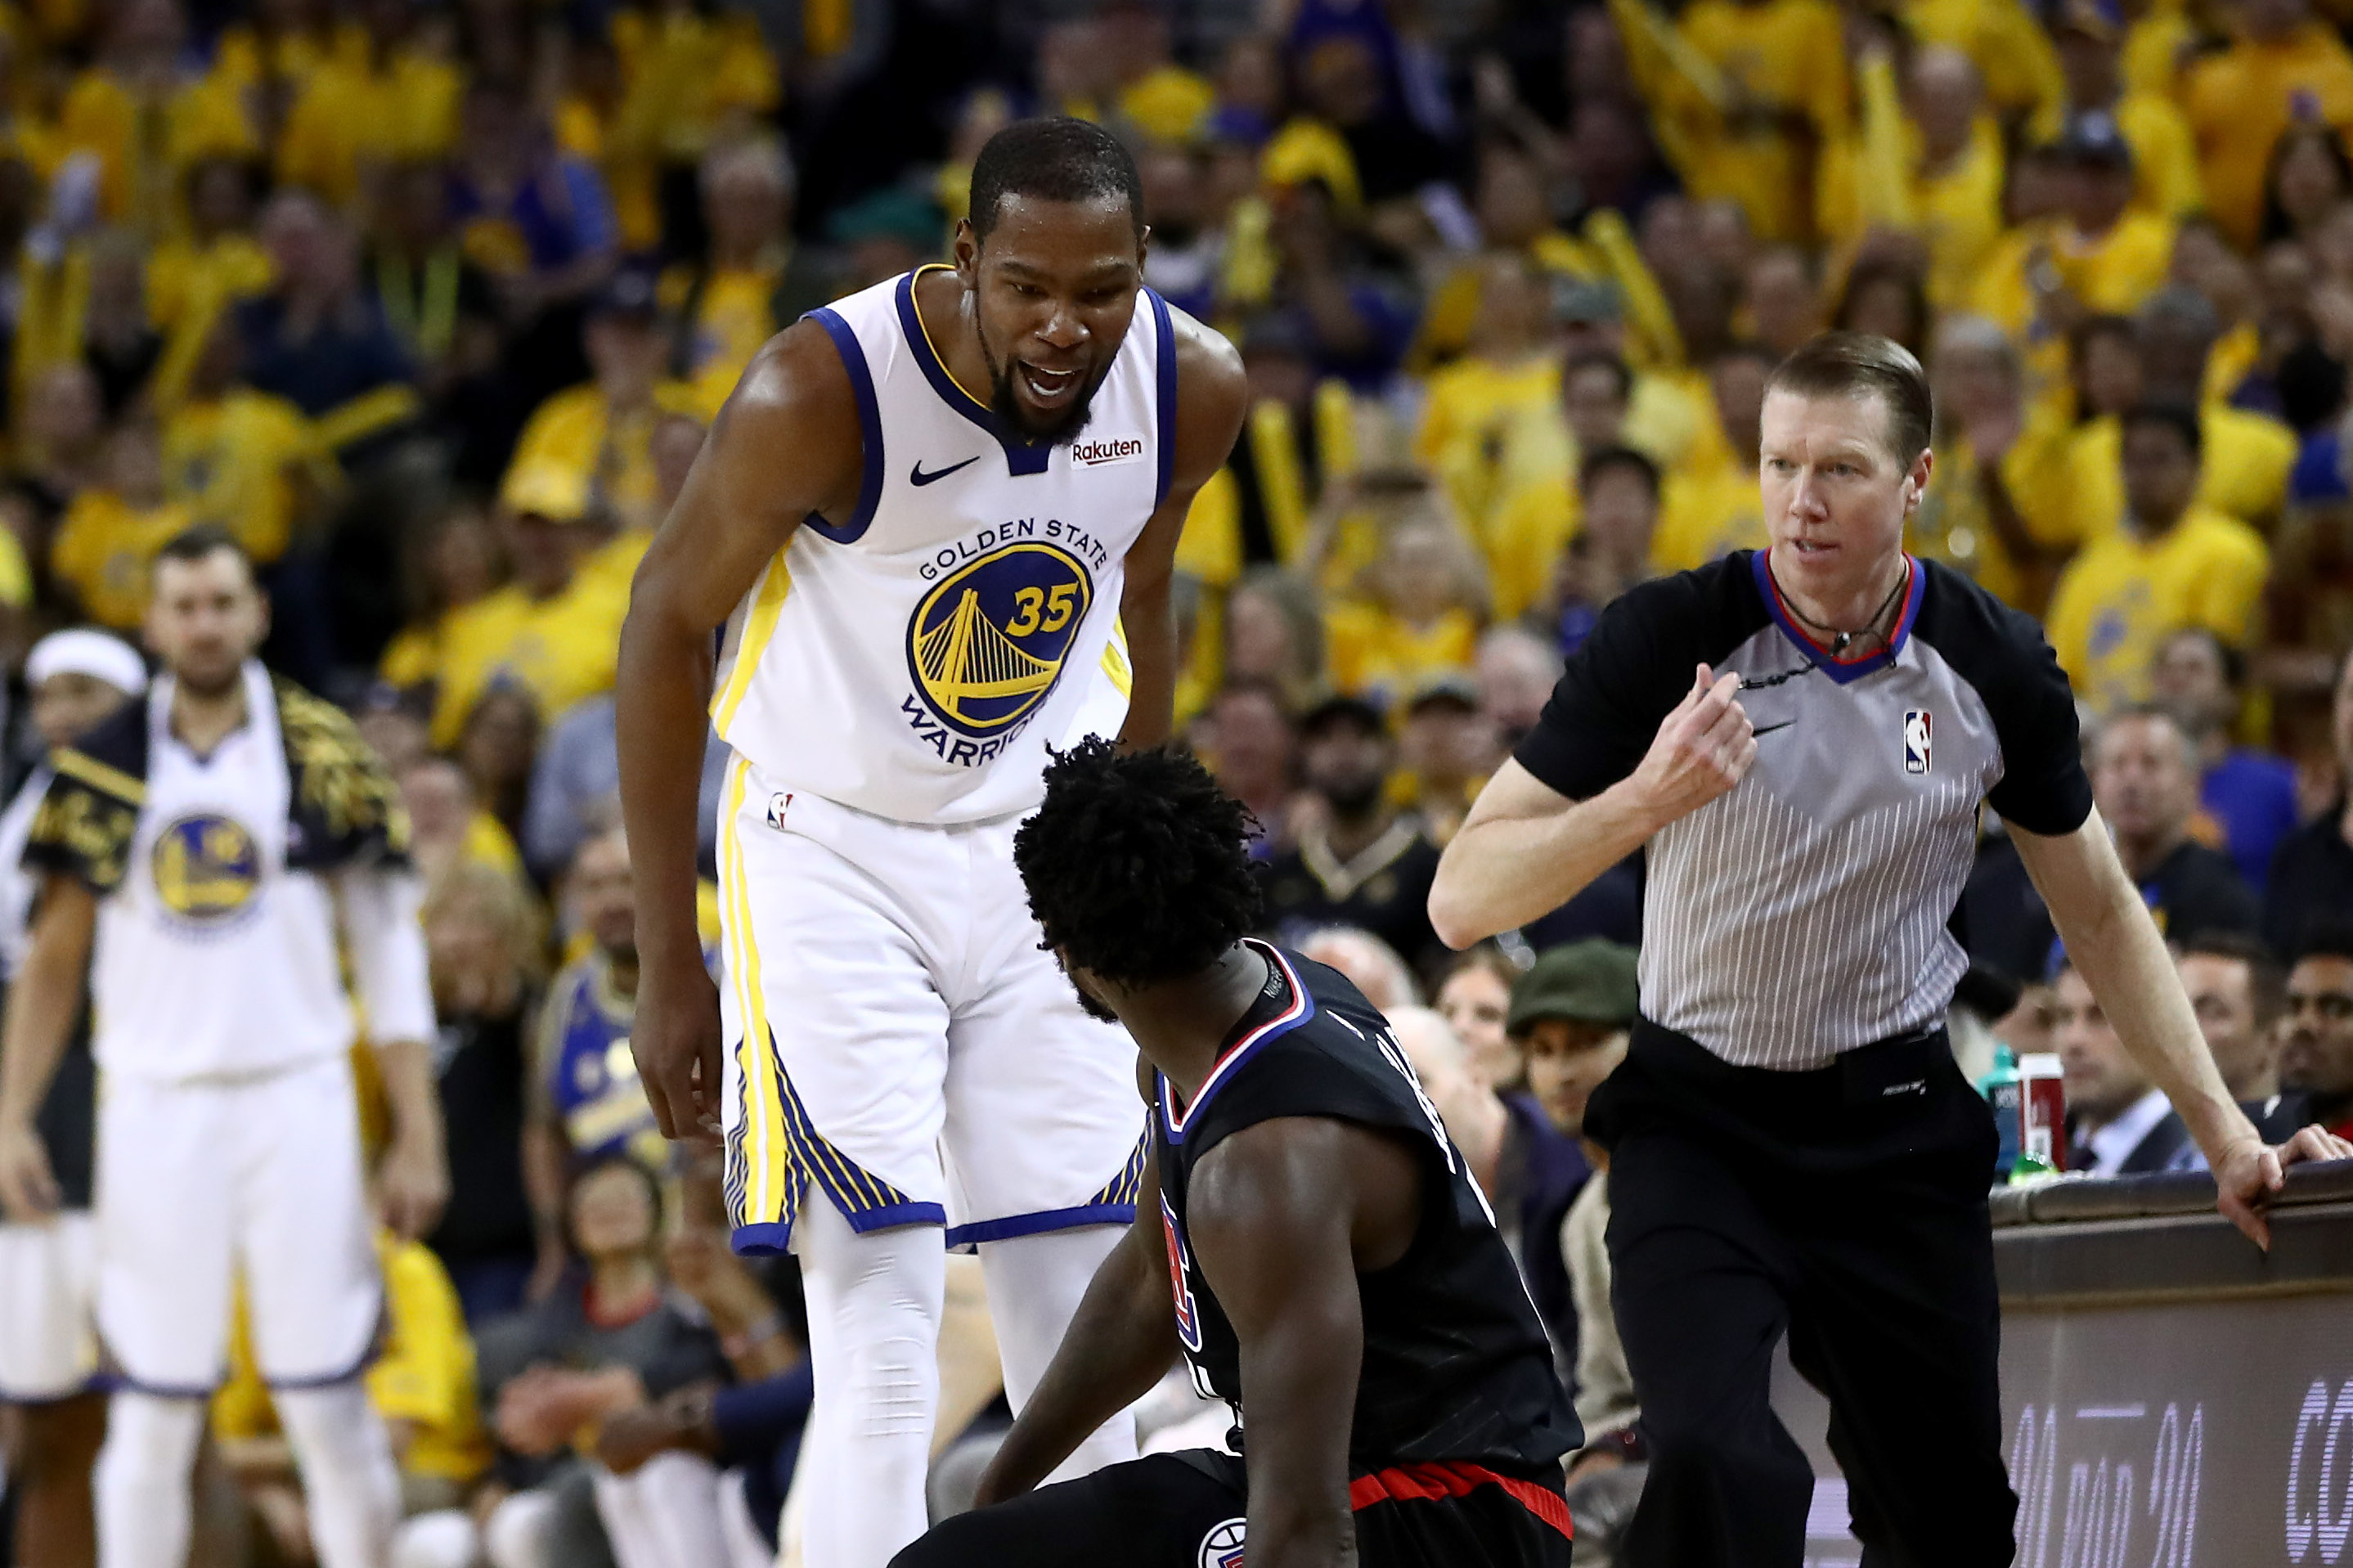 杜蘭特為G1被驅逐道歉:不會做傻事了  第二戰我會把嘴閉上!-Haters-黑特籃球NBA新聞影音圖片分享社區